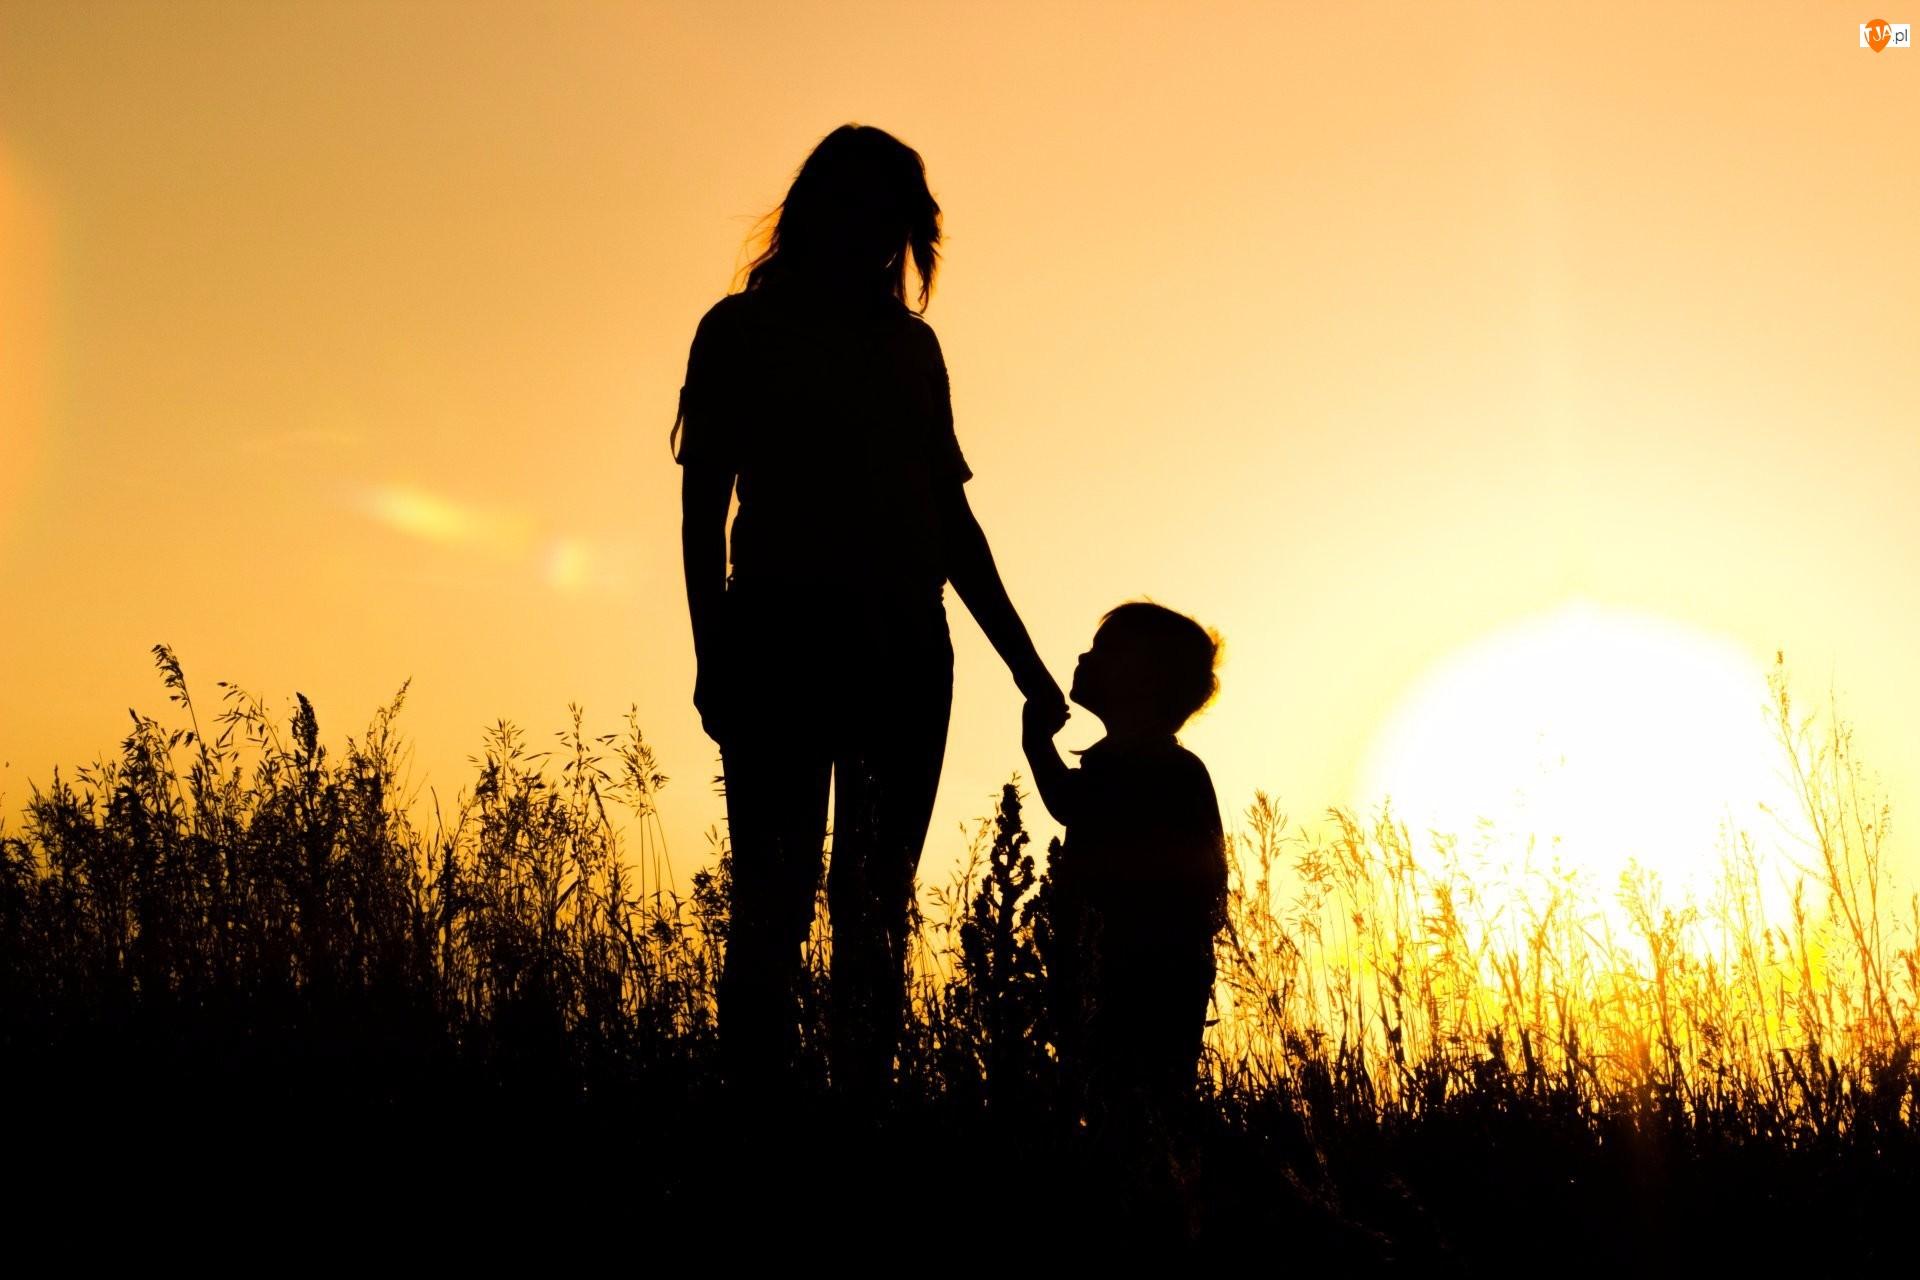 Kobieta, Łąka, Zachód słońca, Krajobraz, Dziecko